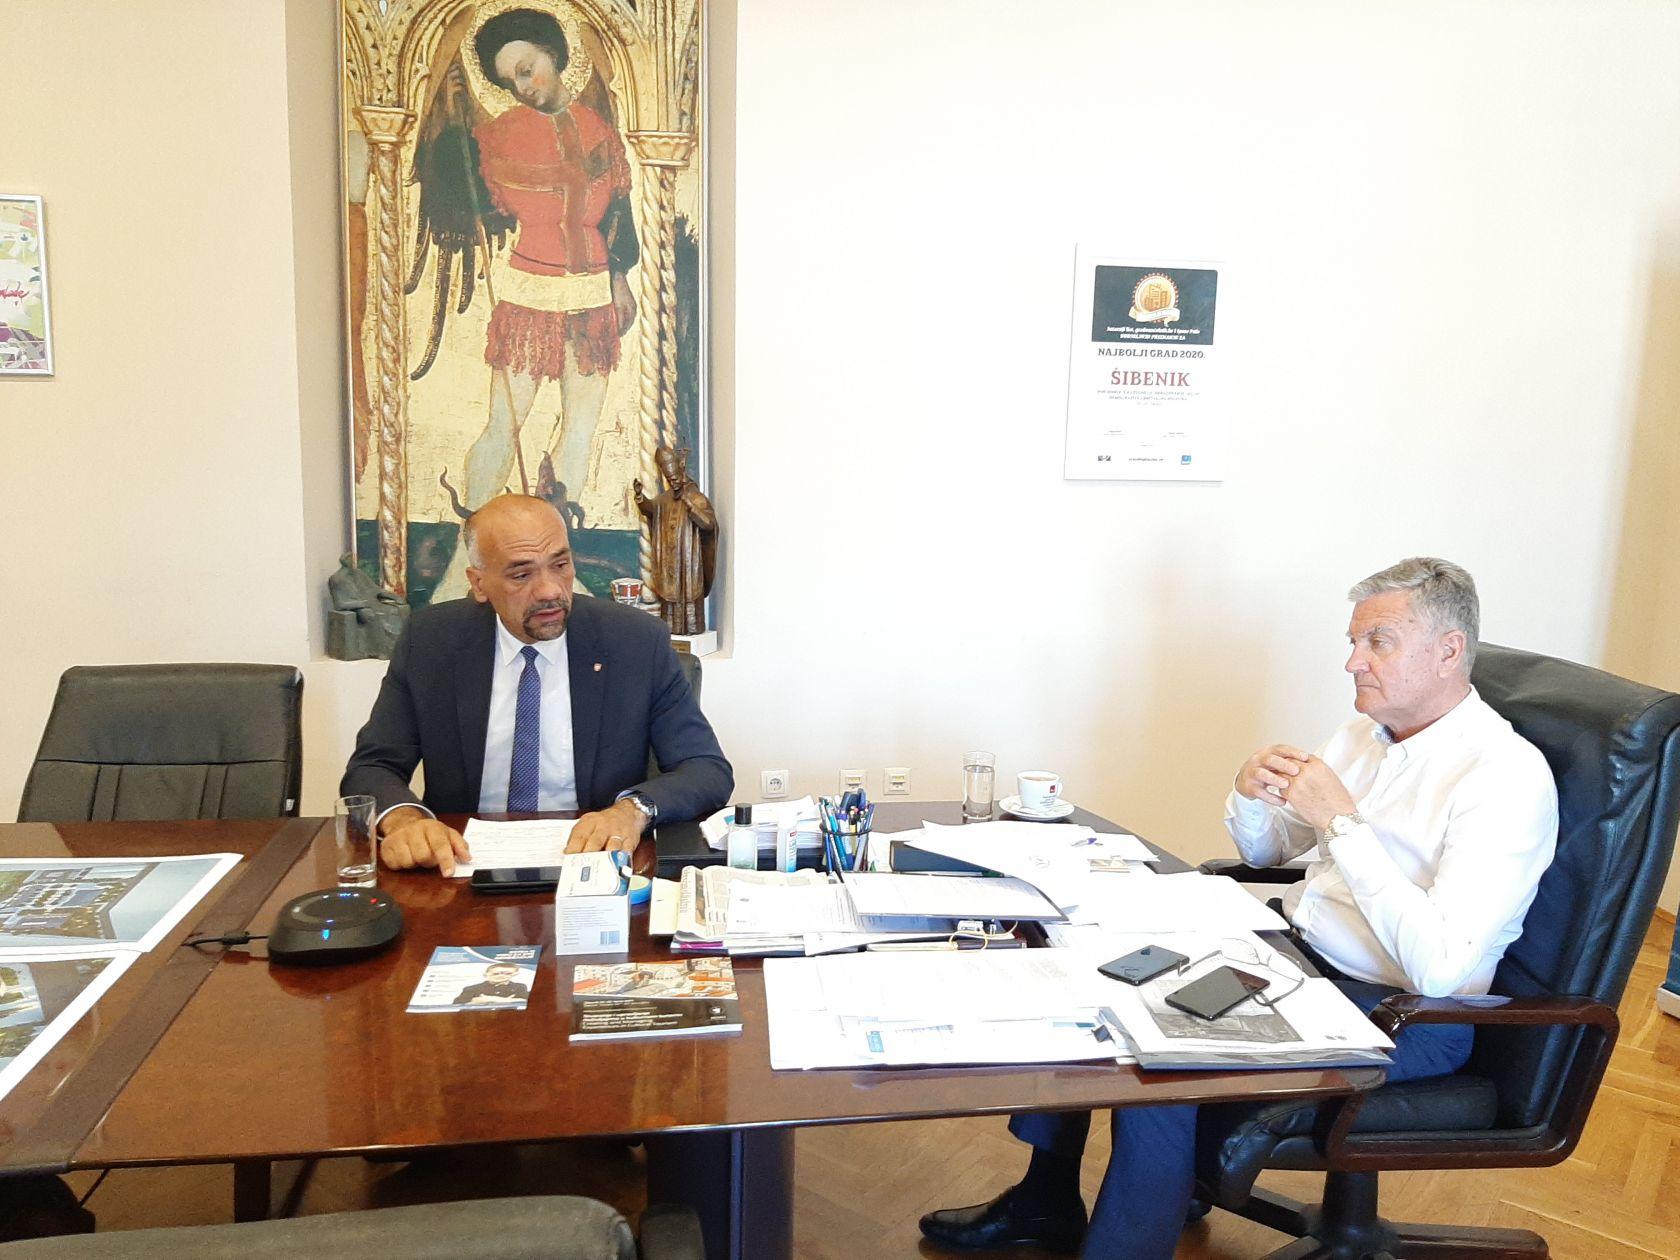 Gradonačelnik i župan sudjelovali u radu sjednice Povjerenstva za procjenu i utvrđivanje prijedloga strateških projekata